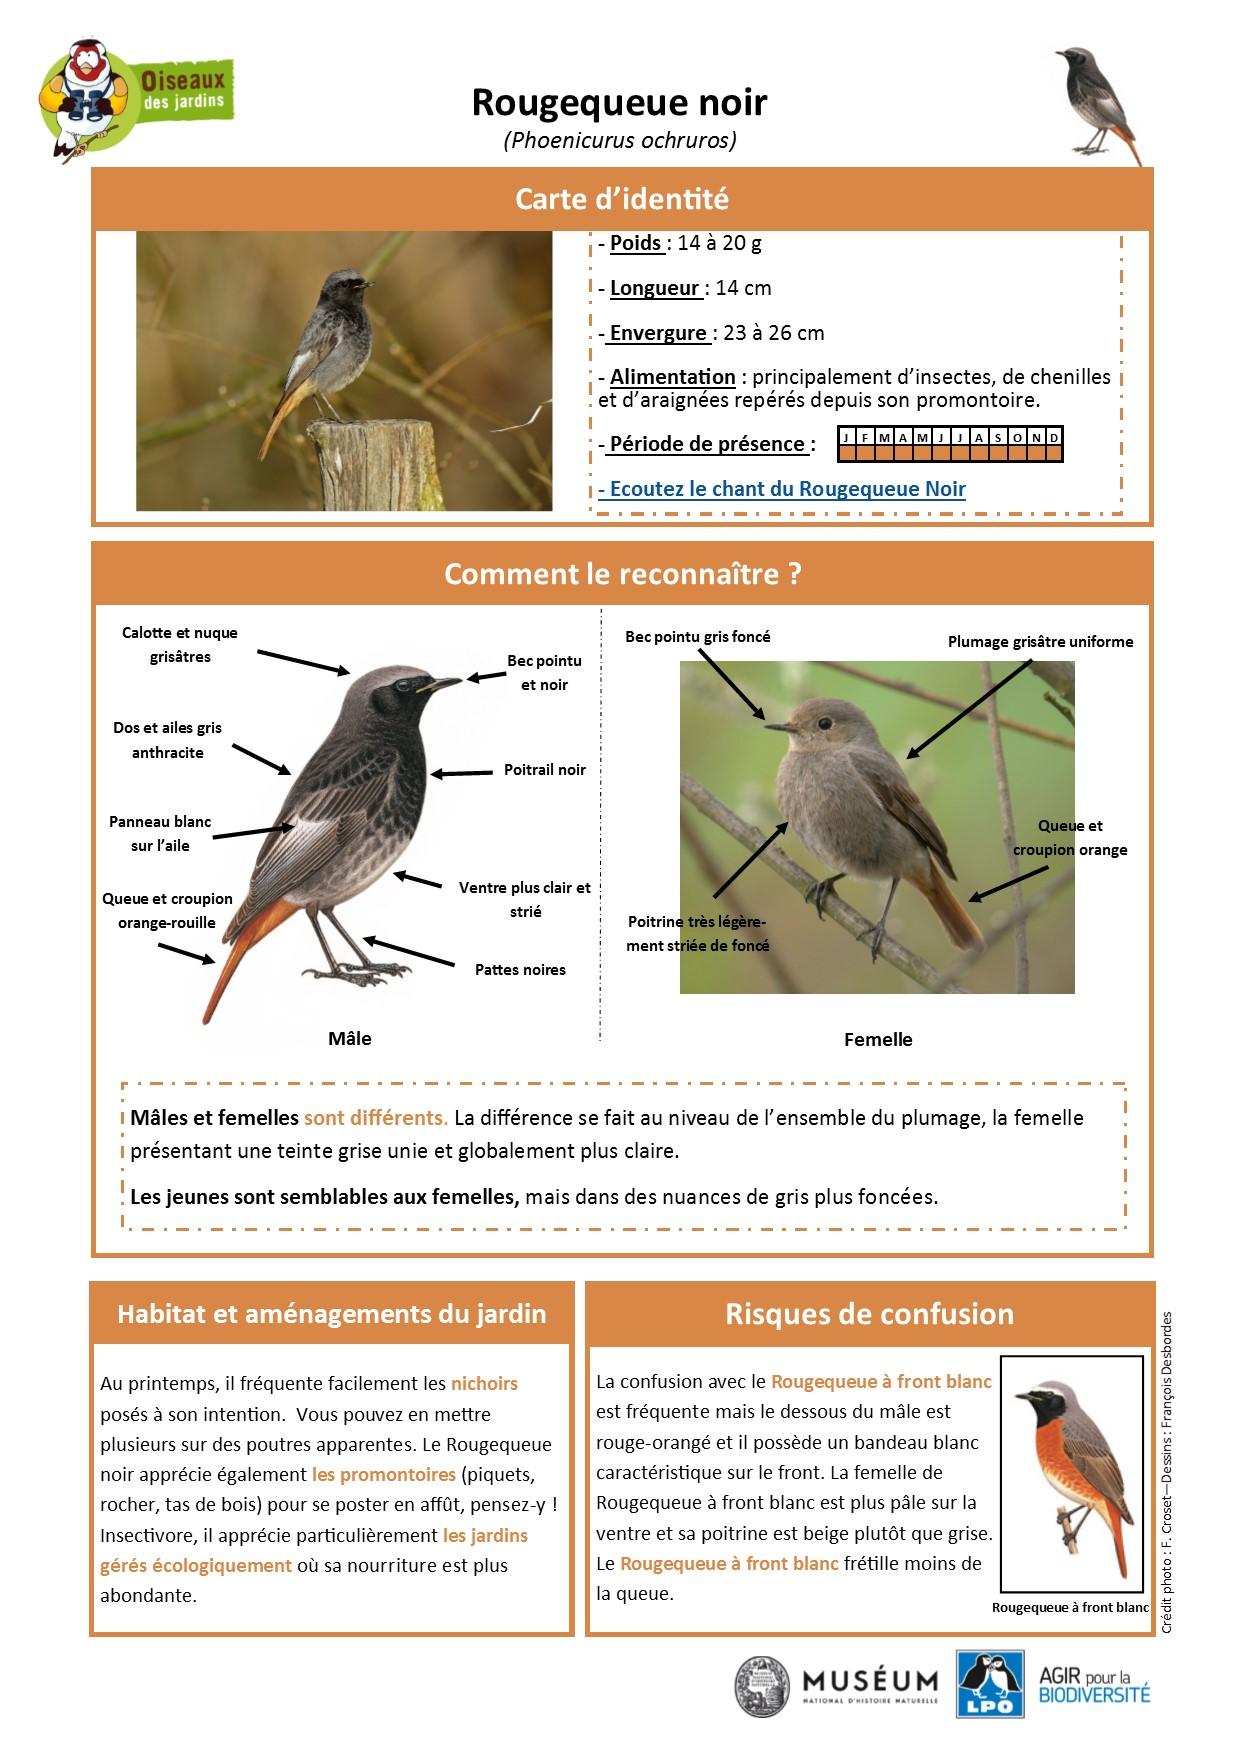 https://cdnfiles2.biolovision.net/www.oiseauxdesjardins.fr/userfiles/Fichesespces/FicheespceRQN.pdf